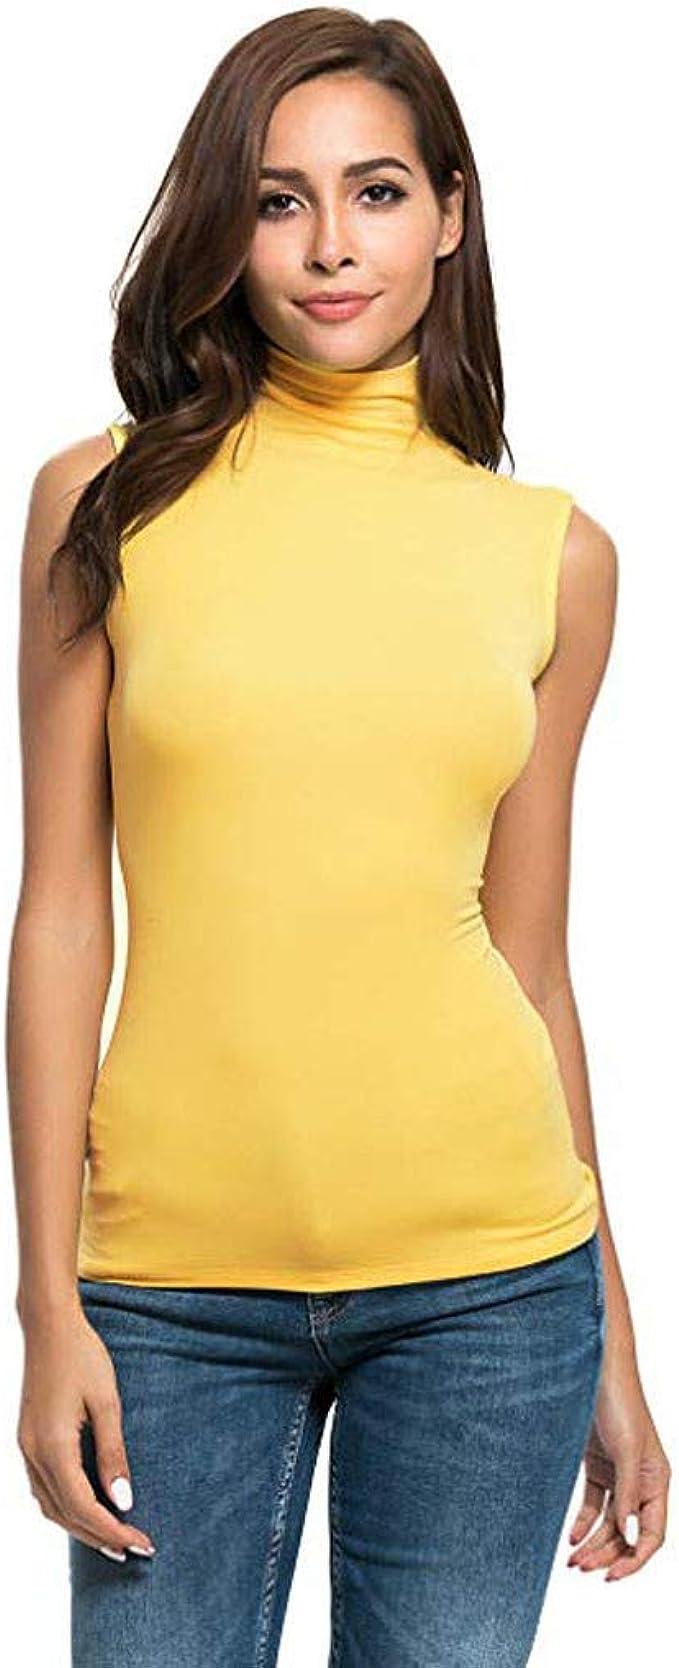 MERICAL Camisa Blusa Superior para Mujer sin Mangas sólido Slim Fit Cuello Alto Camiseta: Amazon.es: Ropa y accesorios